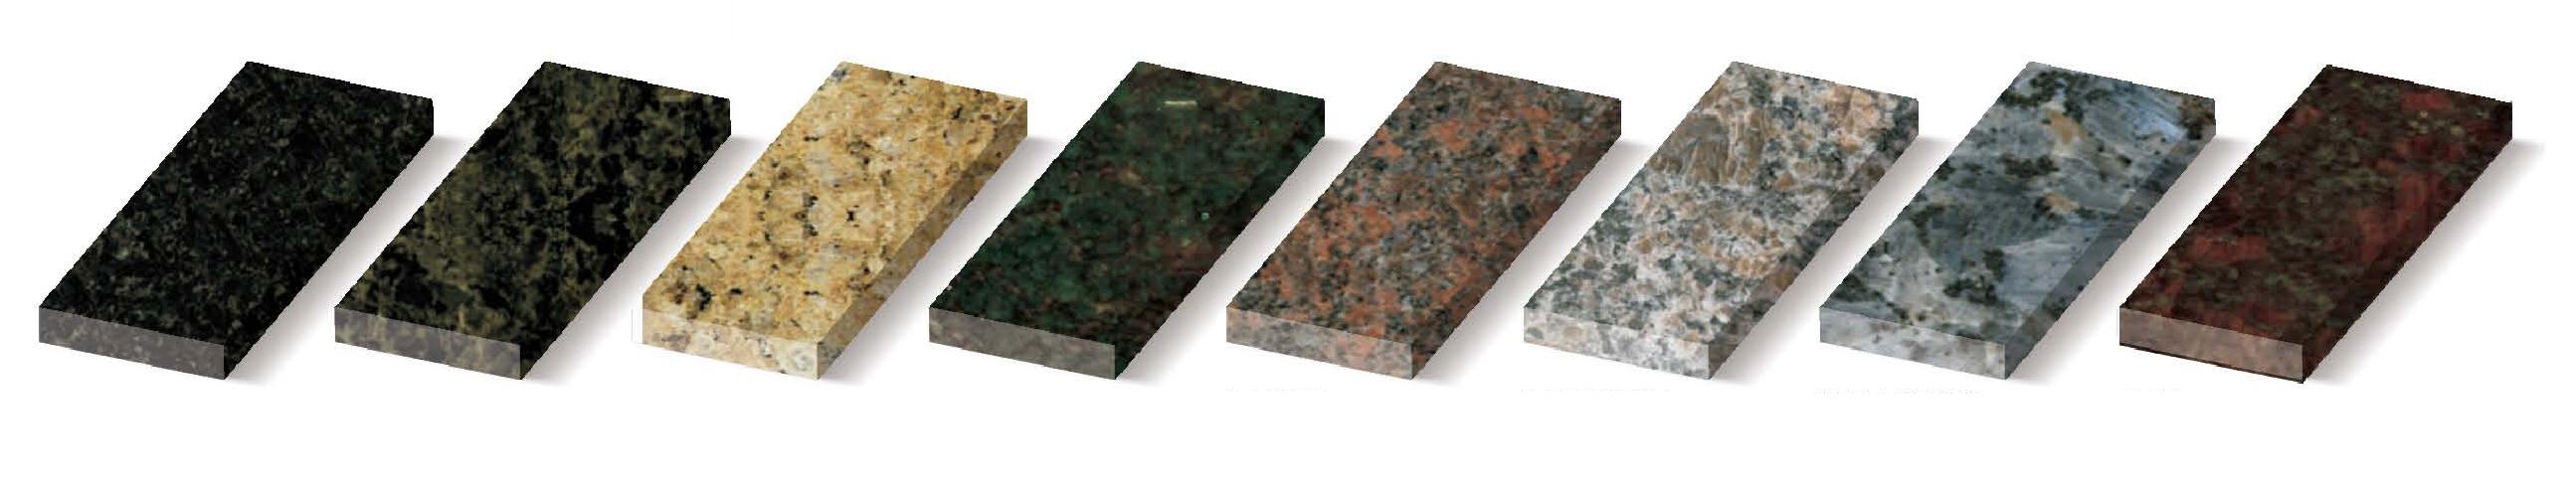 Ech granit color 2